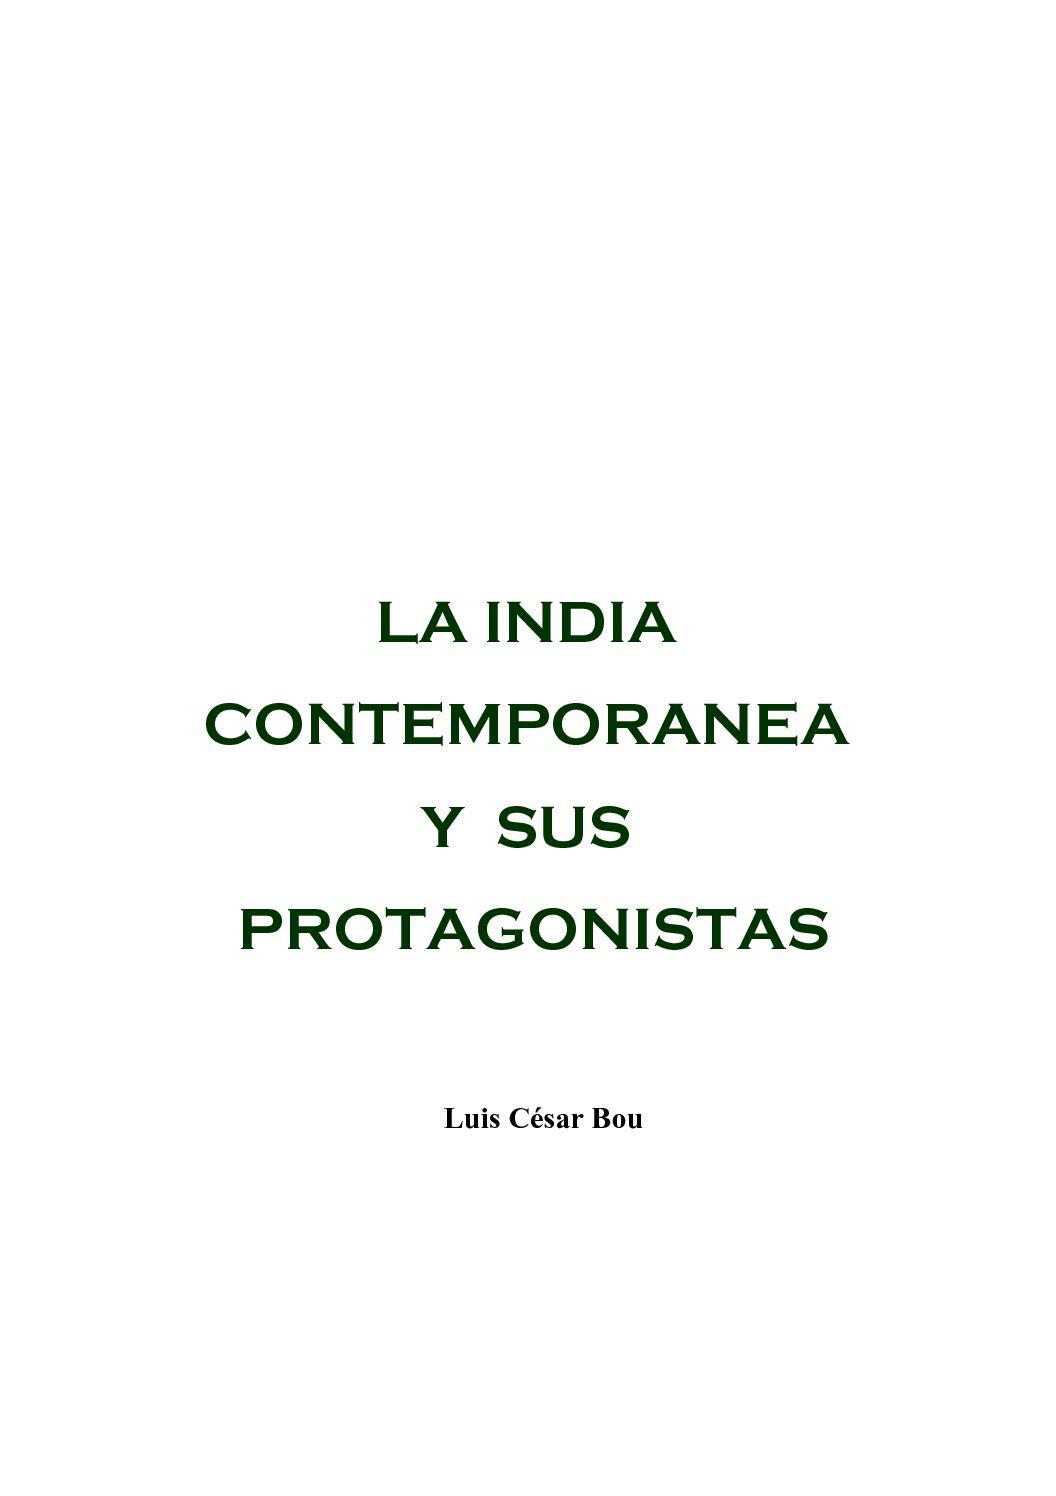 Calaméo - Luis César Bou. LA INDIA CONTEMPORANEA Y SUS PROTAGONISTAS